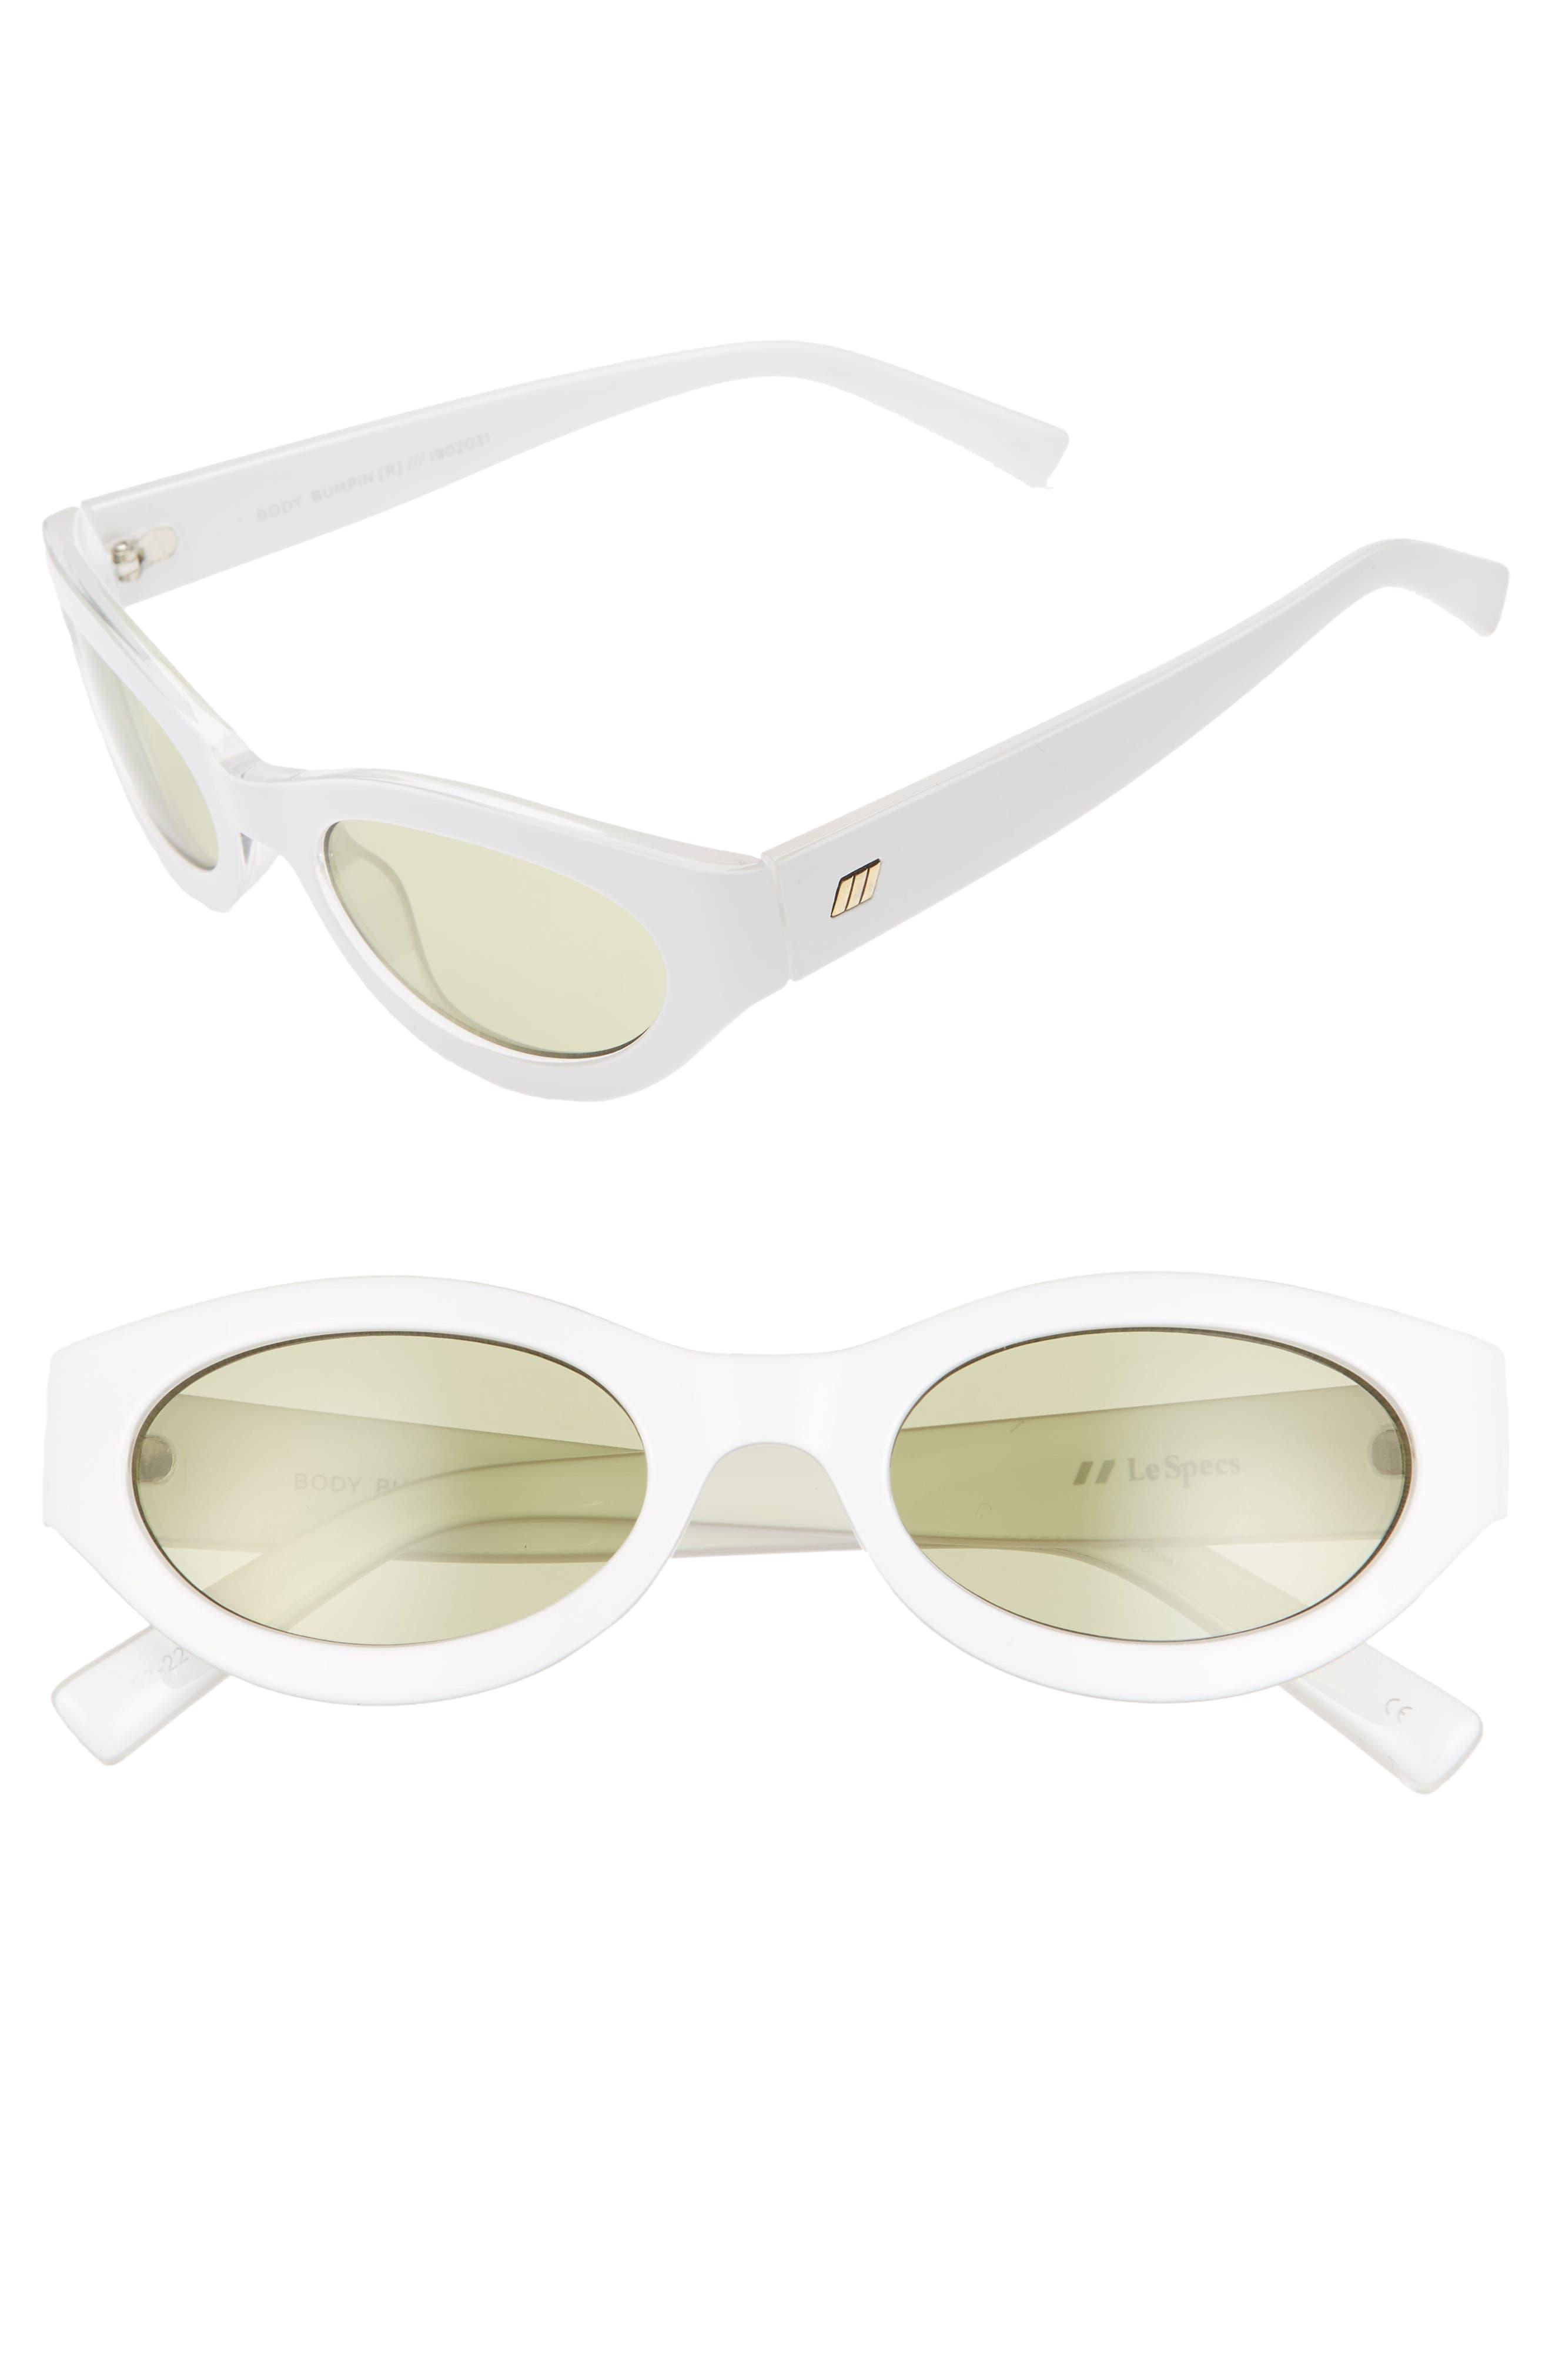 Le Specs Body Bumpin 42Mm Sunglasses - White